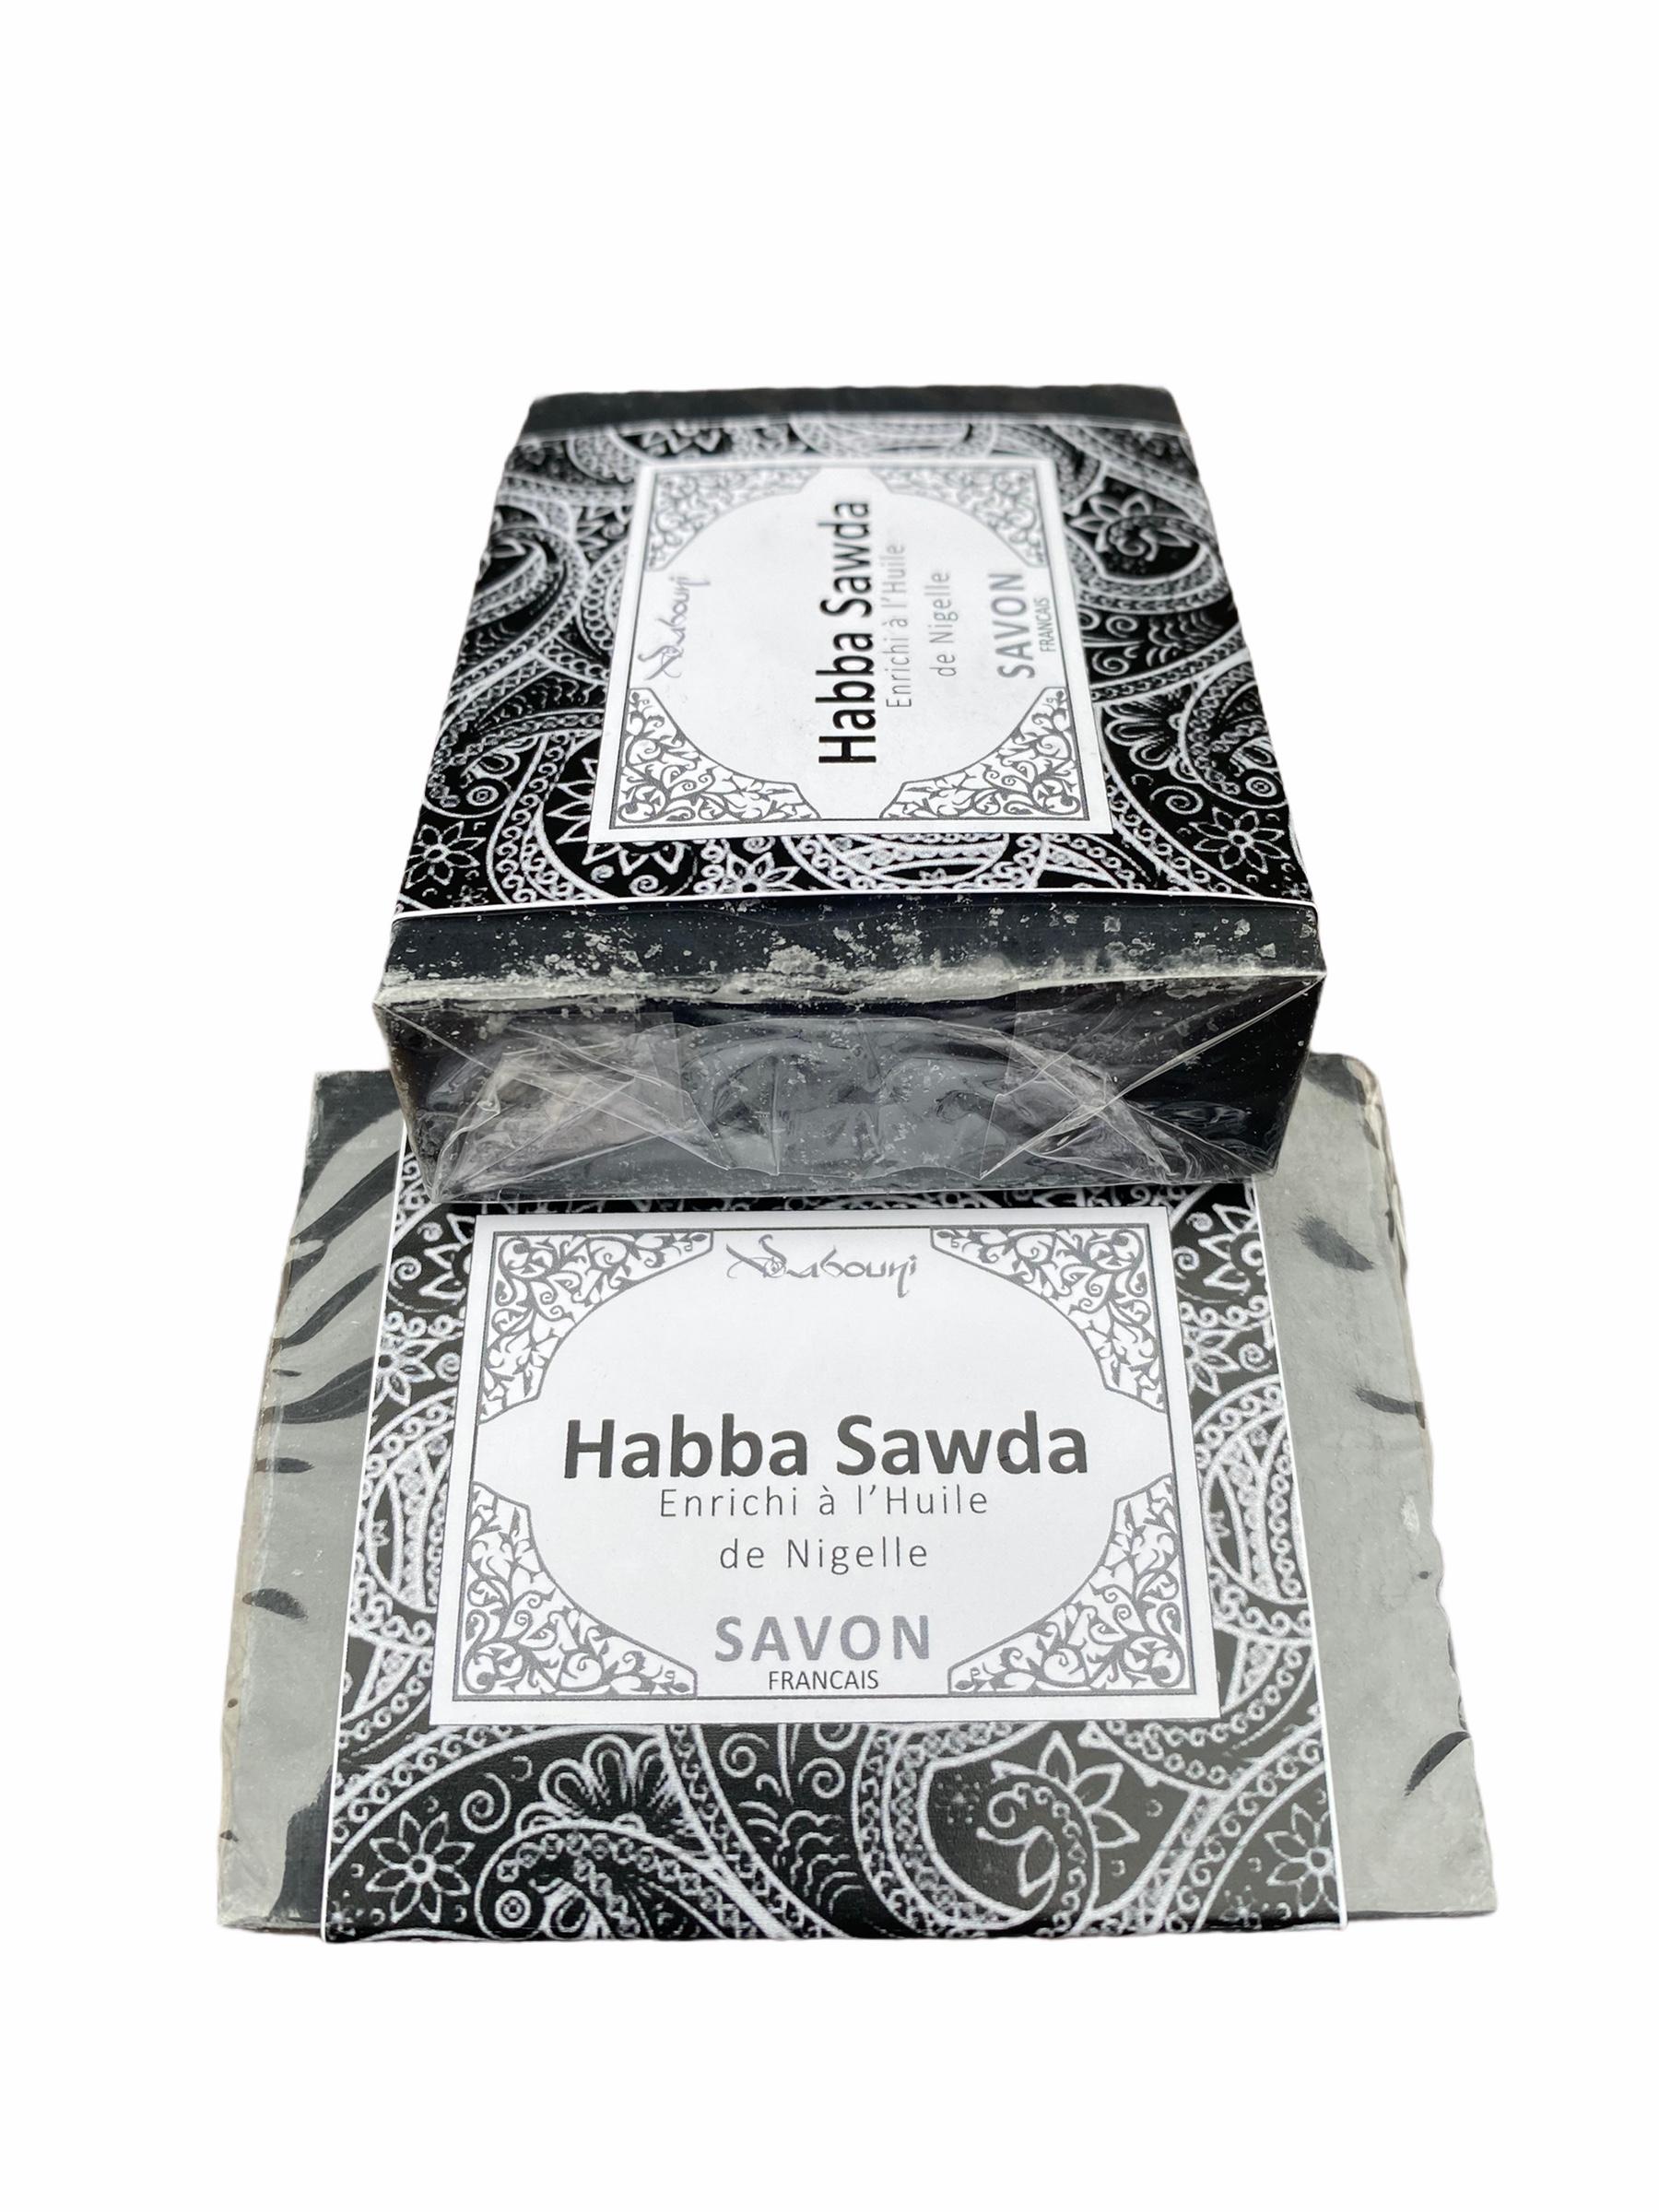 Savon à l'Huile de Nigelle Habba Sawda les vertus de la graine de nigelles pour la peau sont connu. Vous pourrez en profitez pleinement.